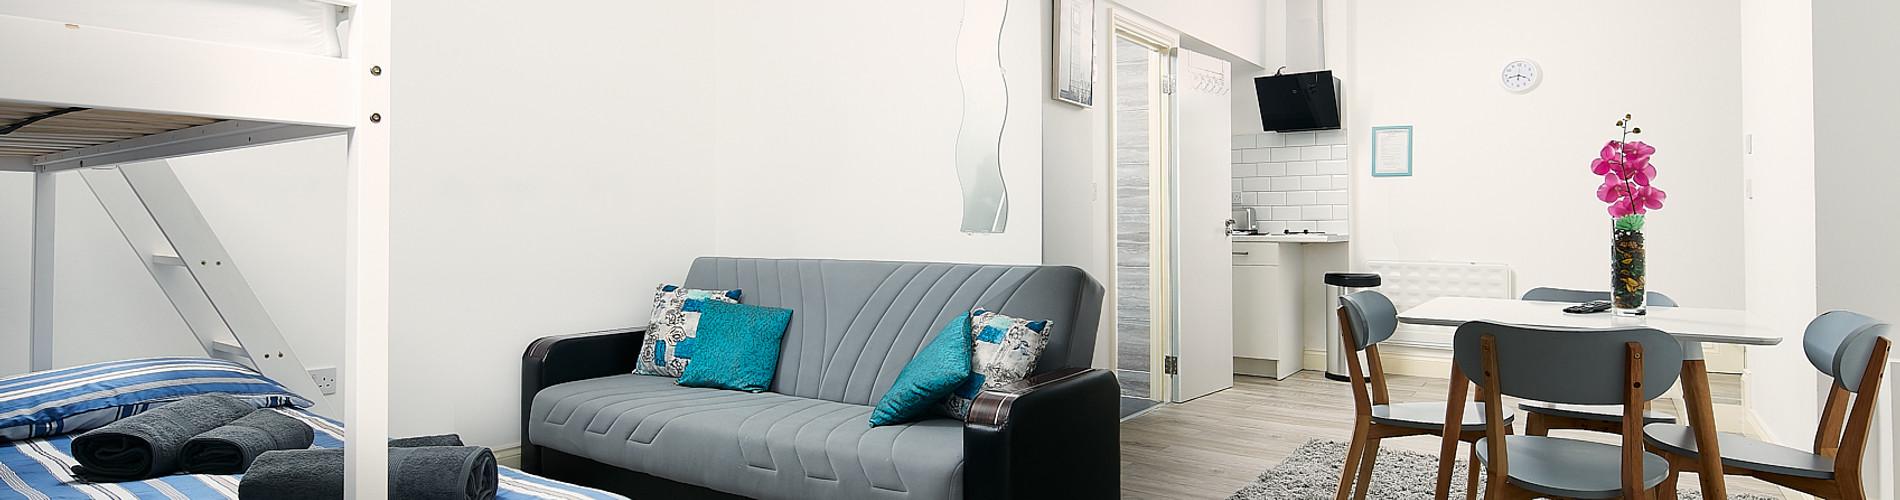 Vacation Rental Euston Studio Apartment #12